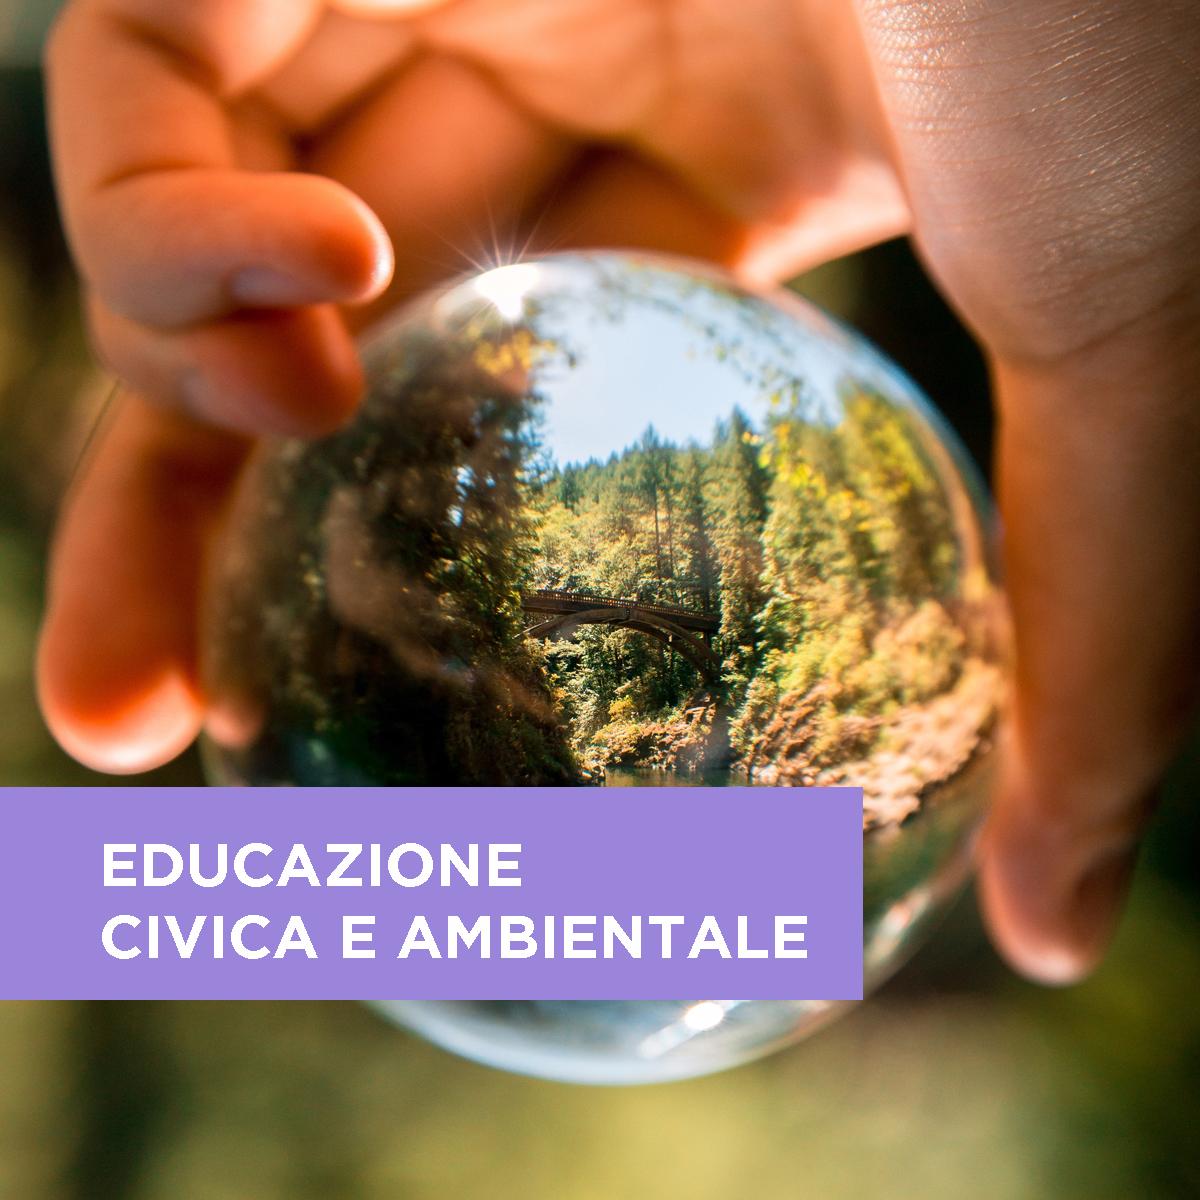 Insegnare Educazione civica: ieri, oggi, domani